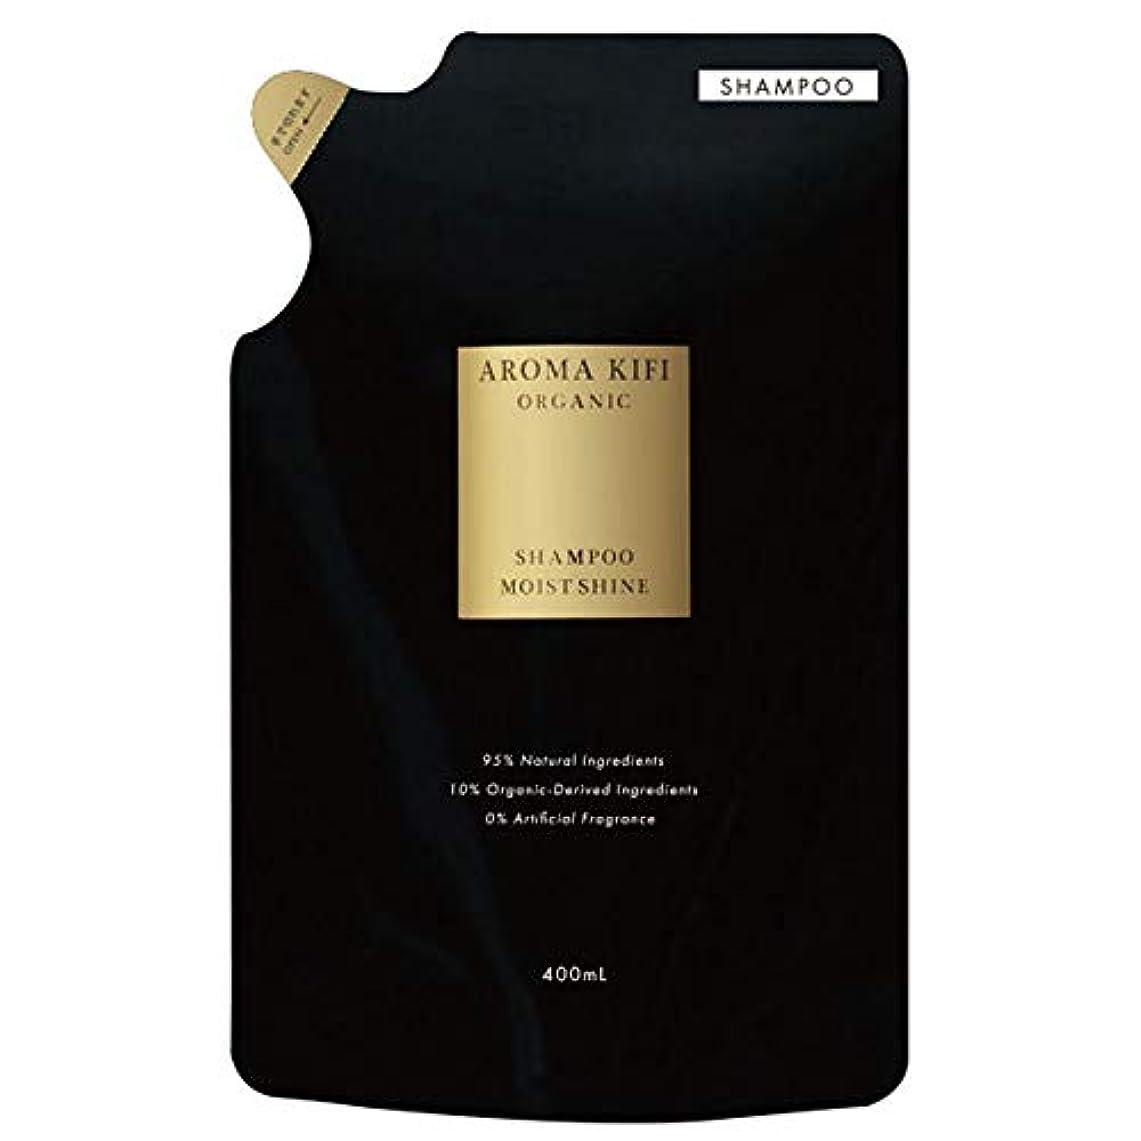 懸念時折コンセンサスアロマキフィ オーガニック シャンプー 詰替え 400ml 【モイスト&シャイン】サロン品質 ノンシリコン 無添加 アロマティックハーブの香り